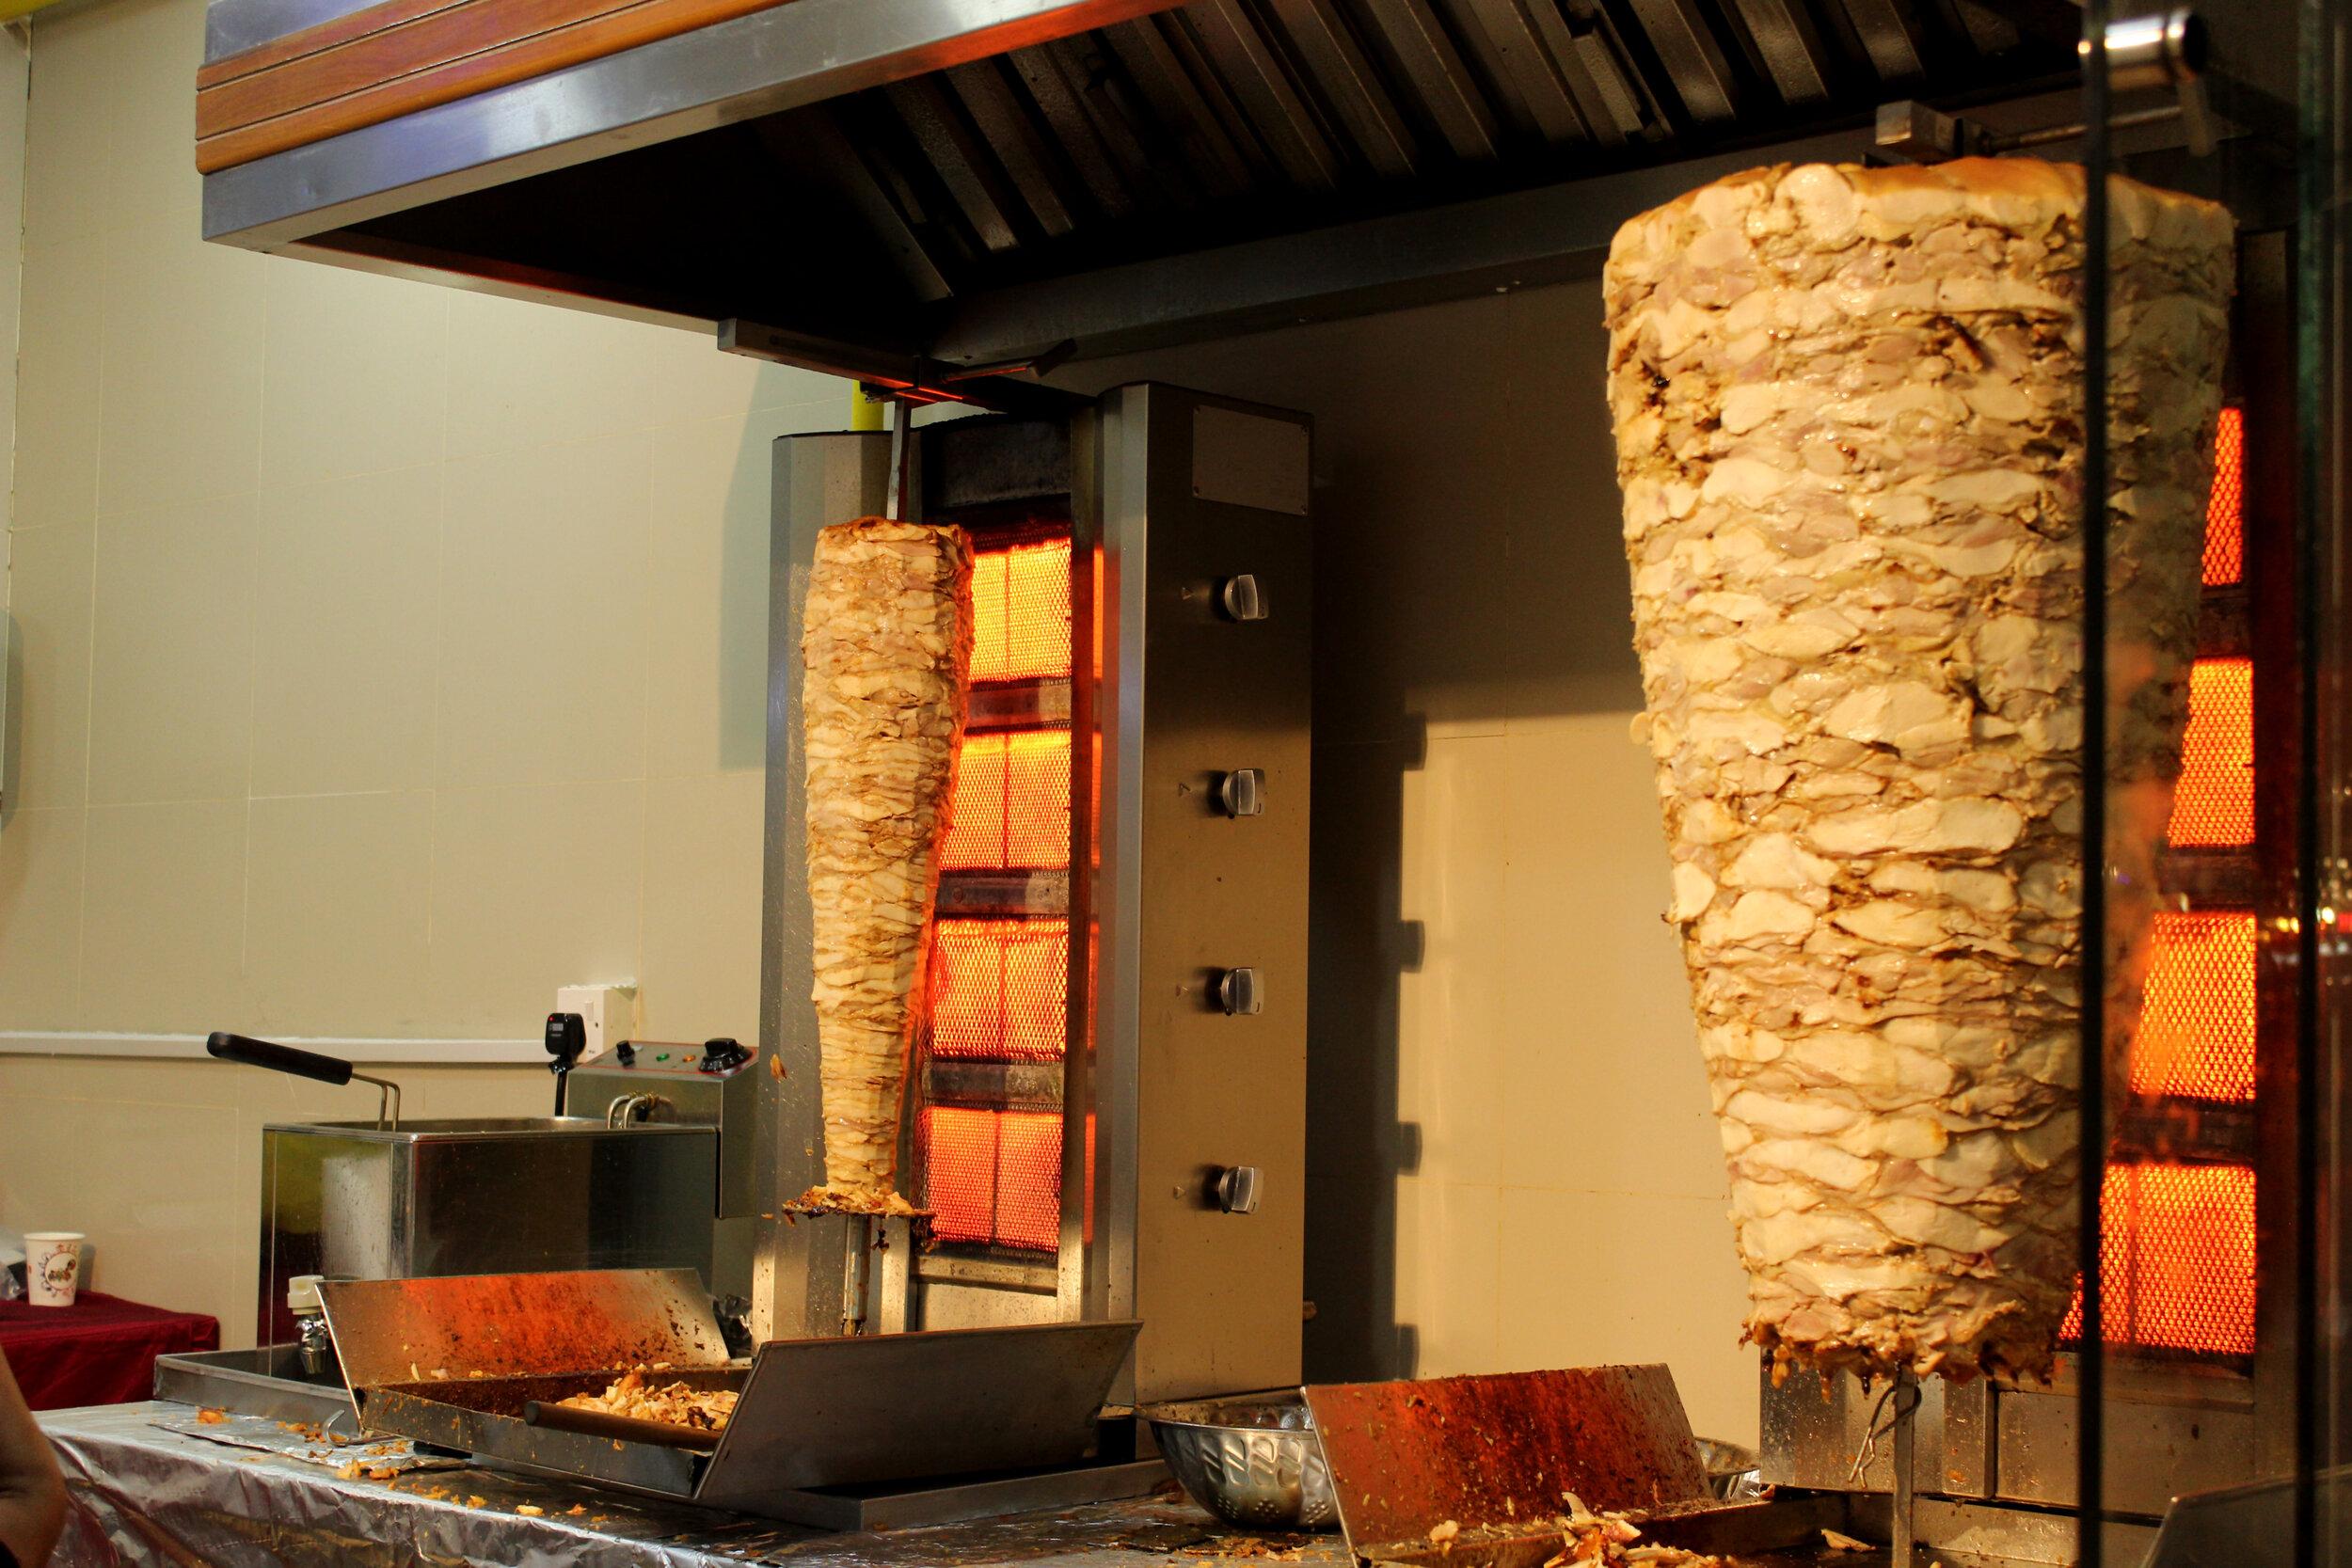 The Israeli street food, shawarma.